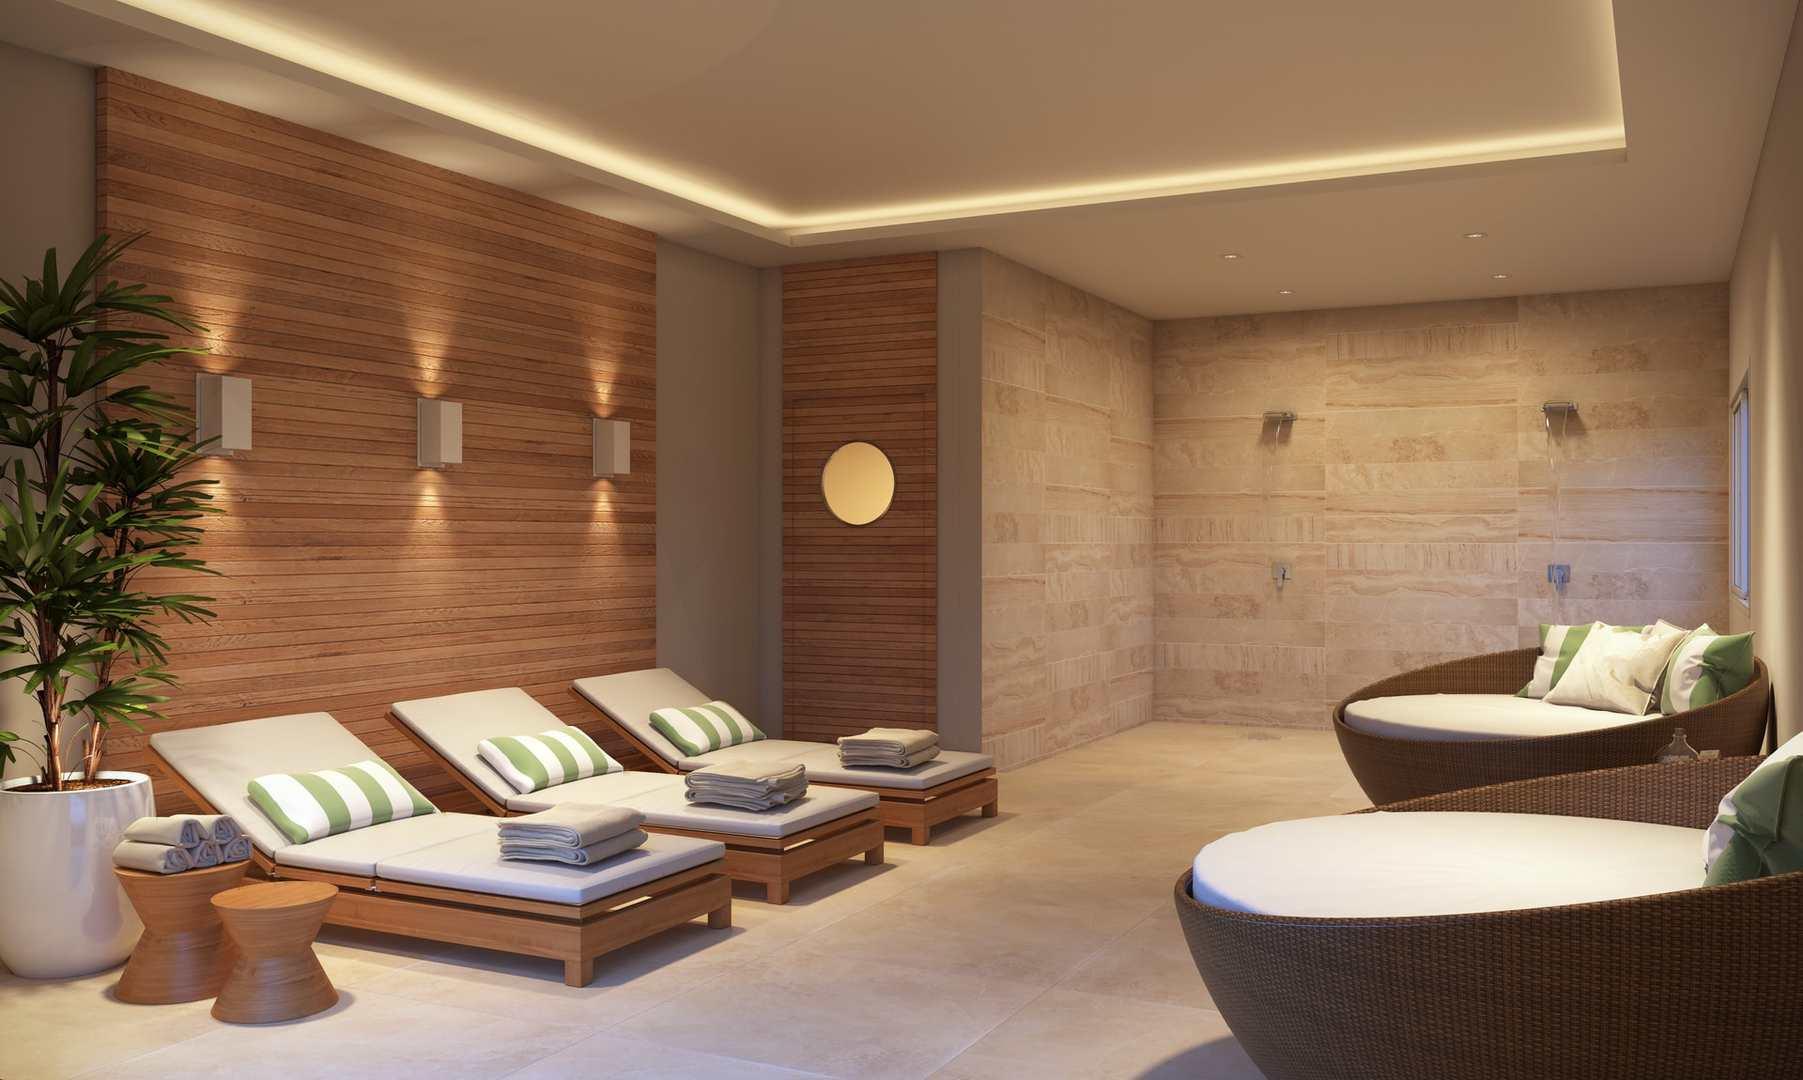 13-espaco-relax-com-sauna-umida-e-ducha-uber-miro-apartamento-ribeirao-preto